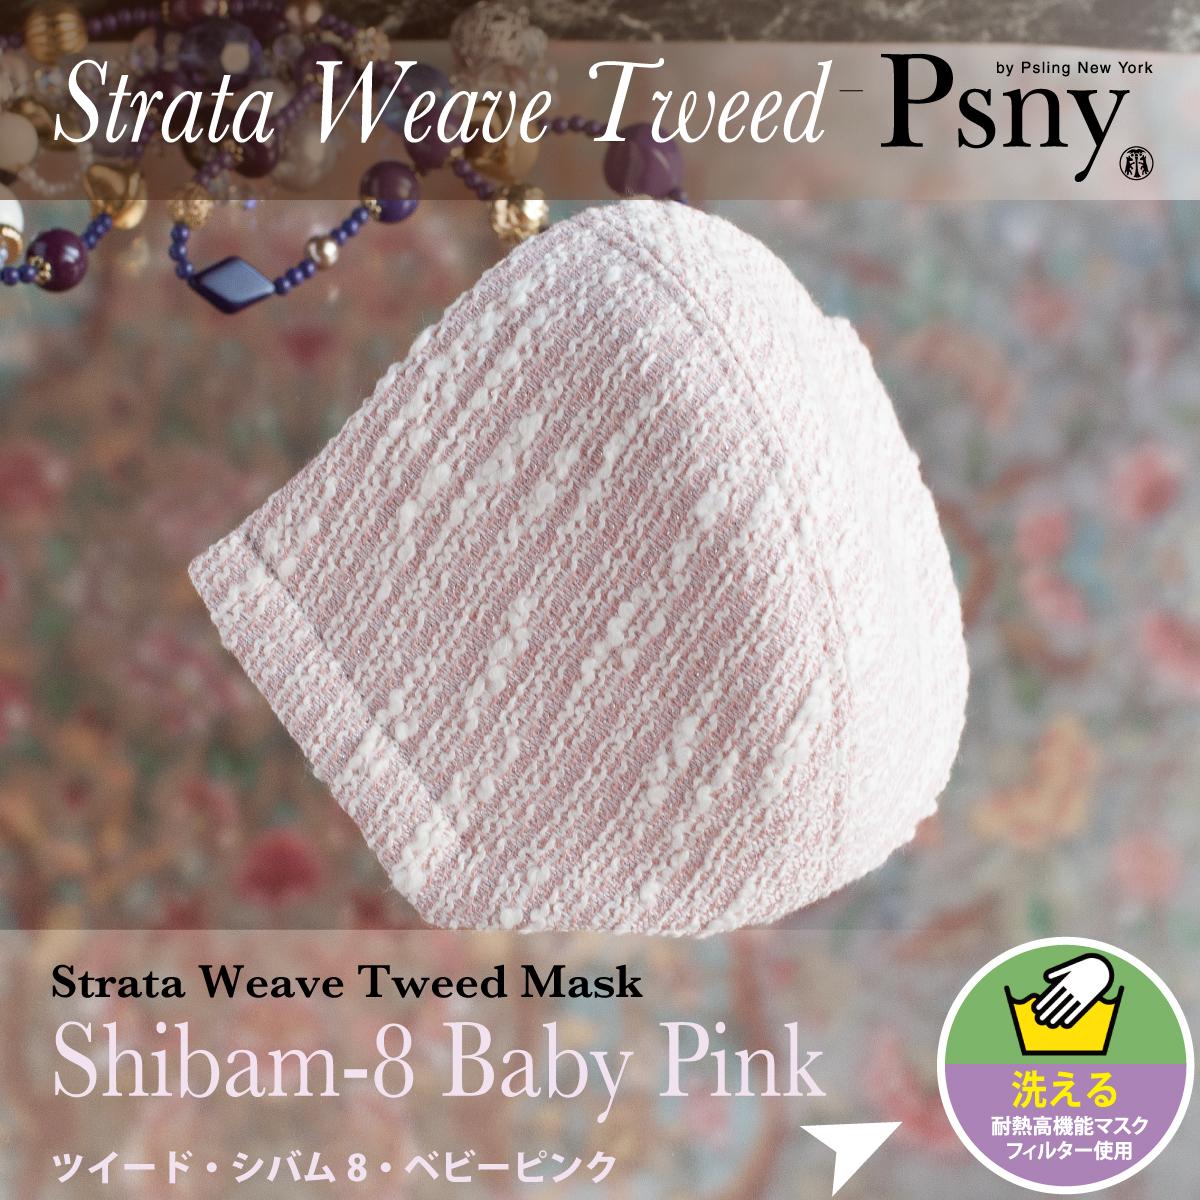 PSNY ツイード ストラータ・シバム8 フィルター 立体マスク ツィードマスク 高級 保温 保湿 冬 美人